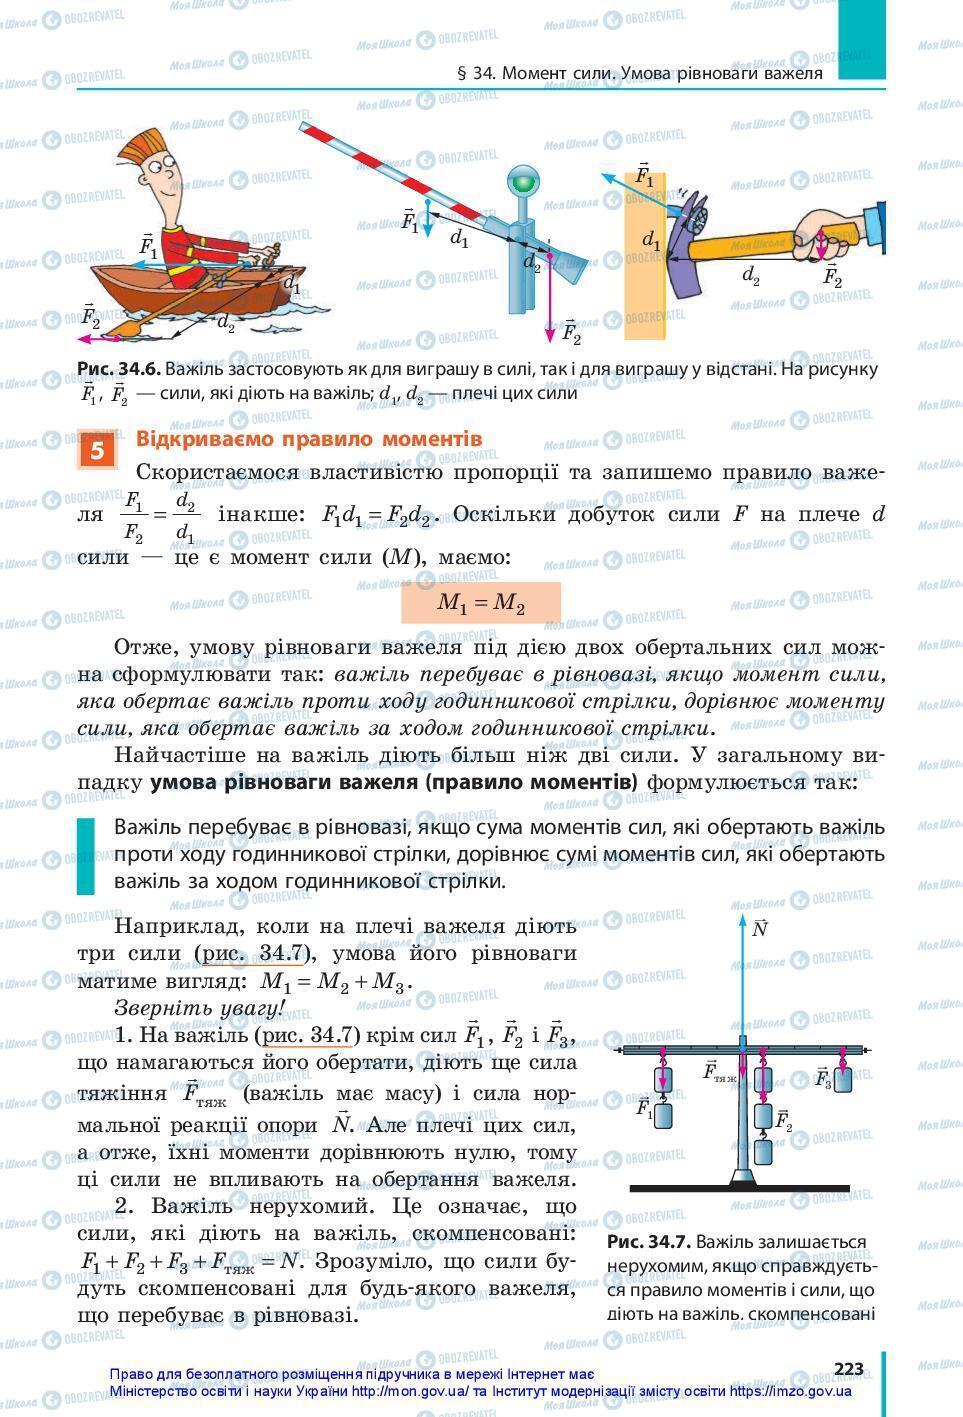 Підручники Фізика 7 клас сторінка 223